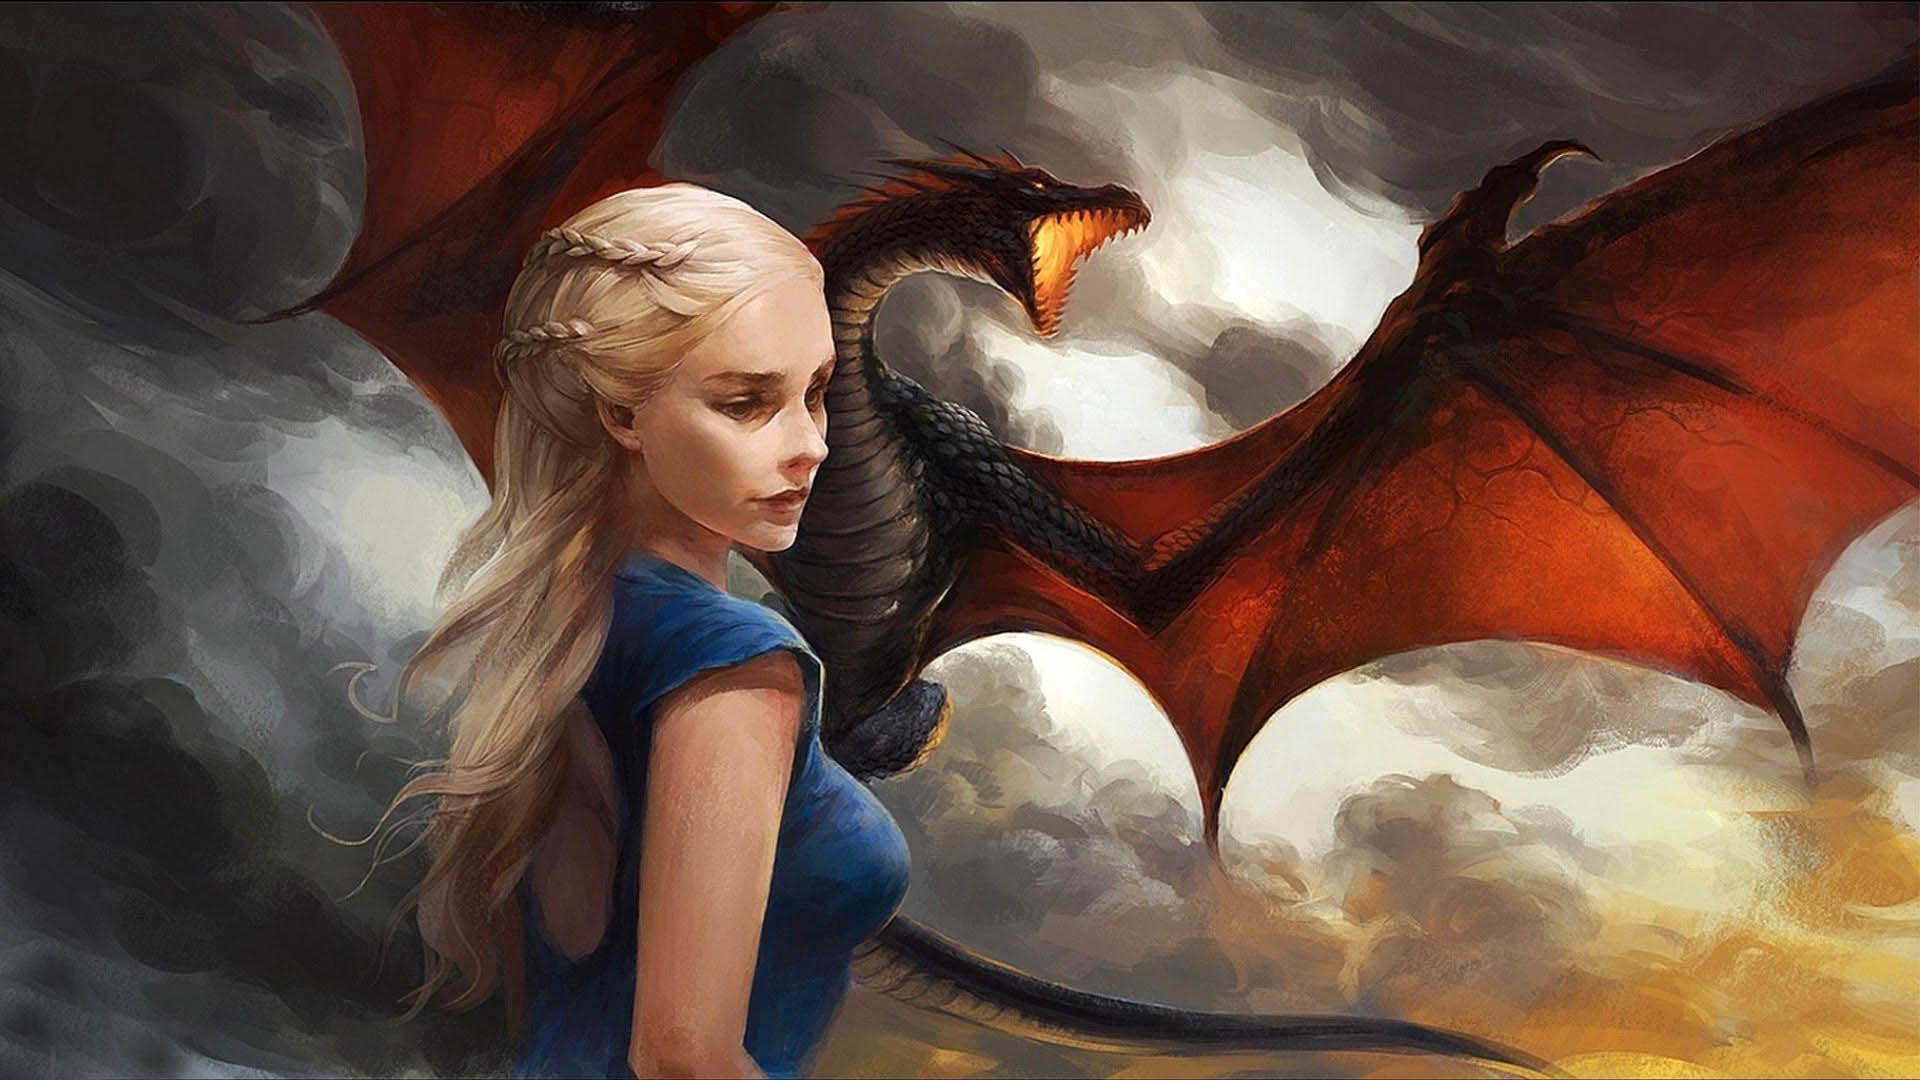 Daenerys Targaryen with Dragon Painting wallpaper